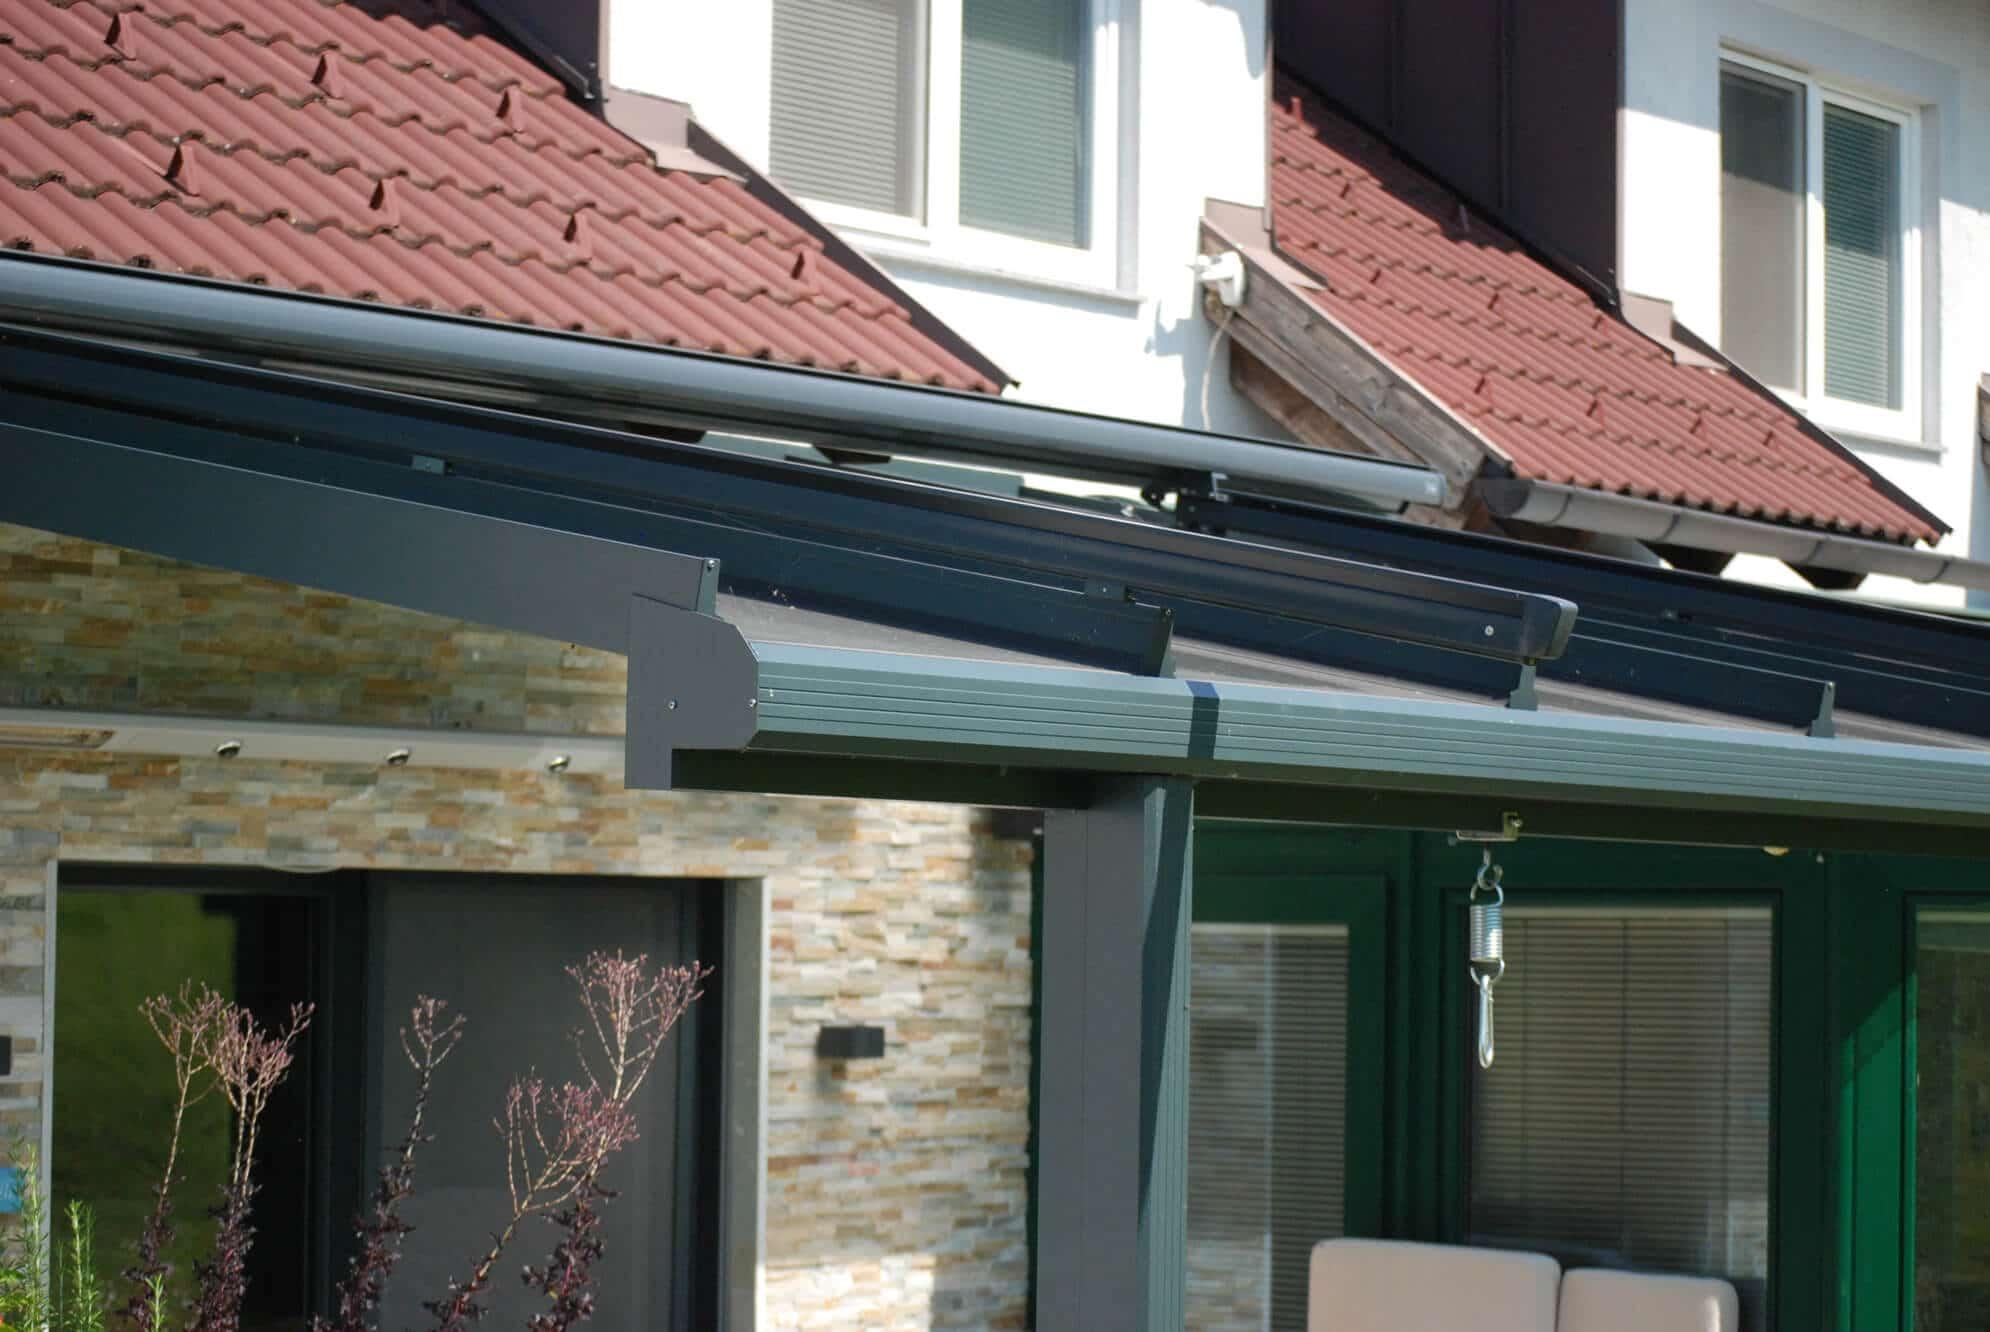 Terrasse mit einer Überdachung